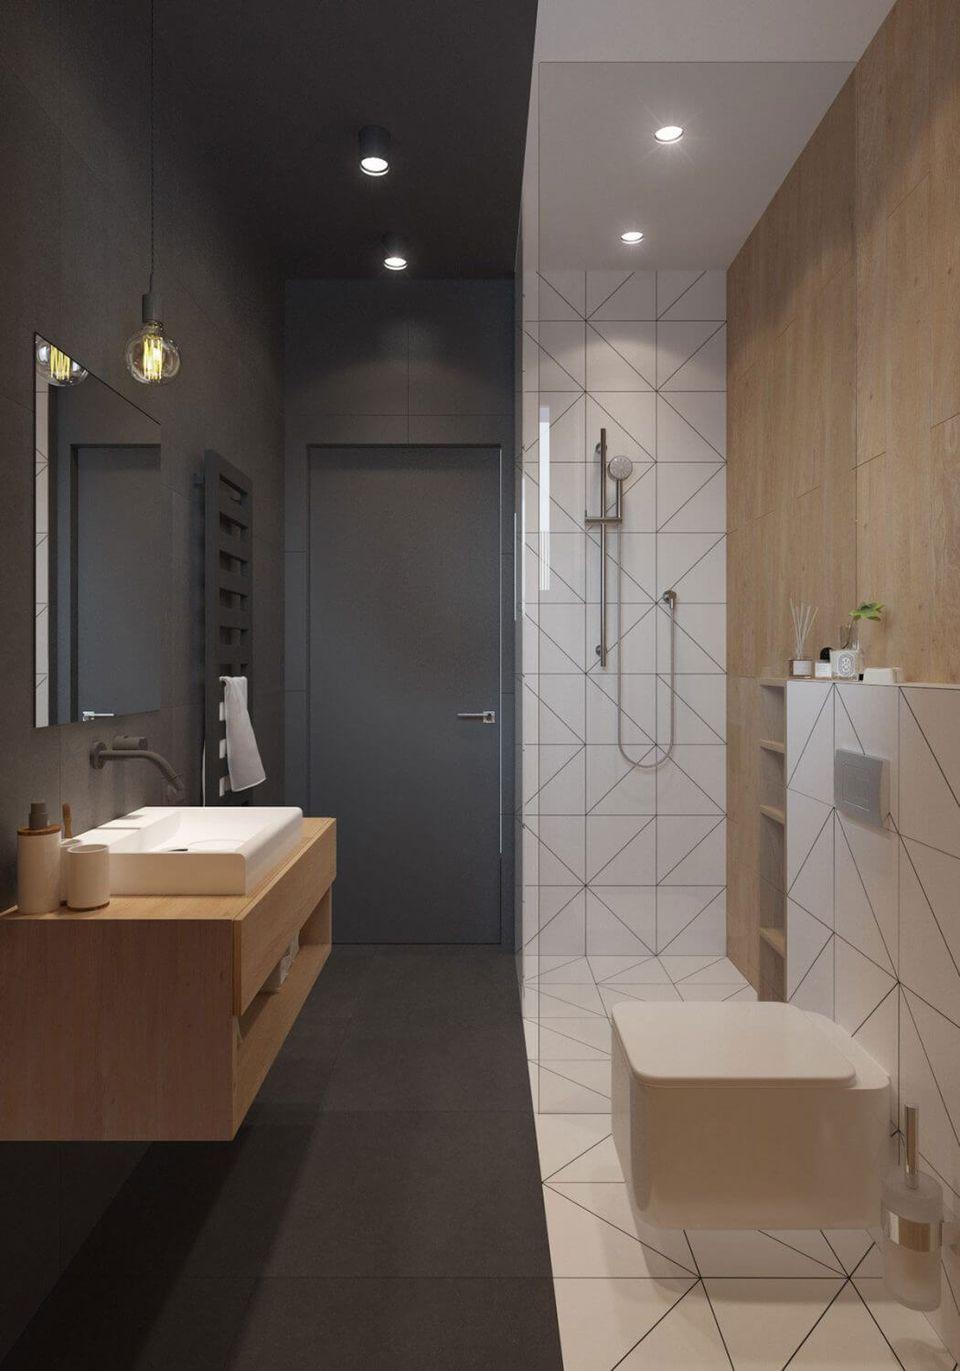 11 ScandinavianStyle Bathrooms